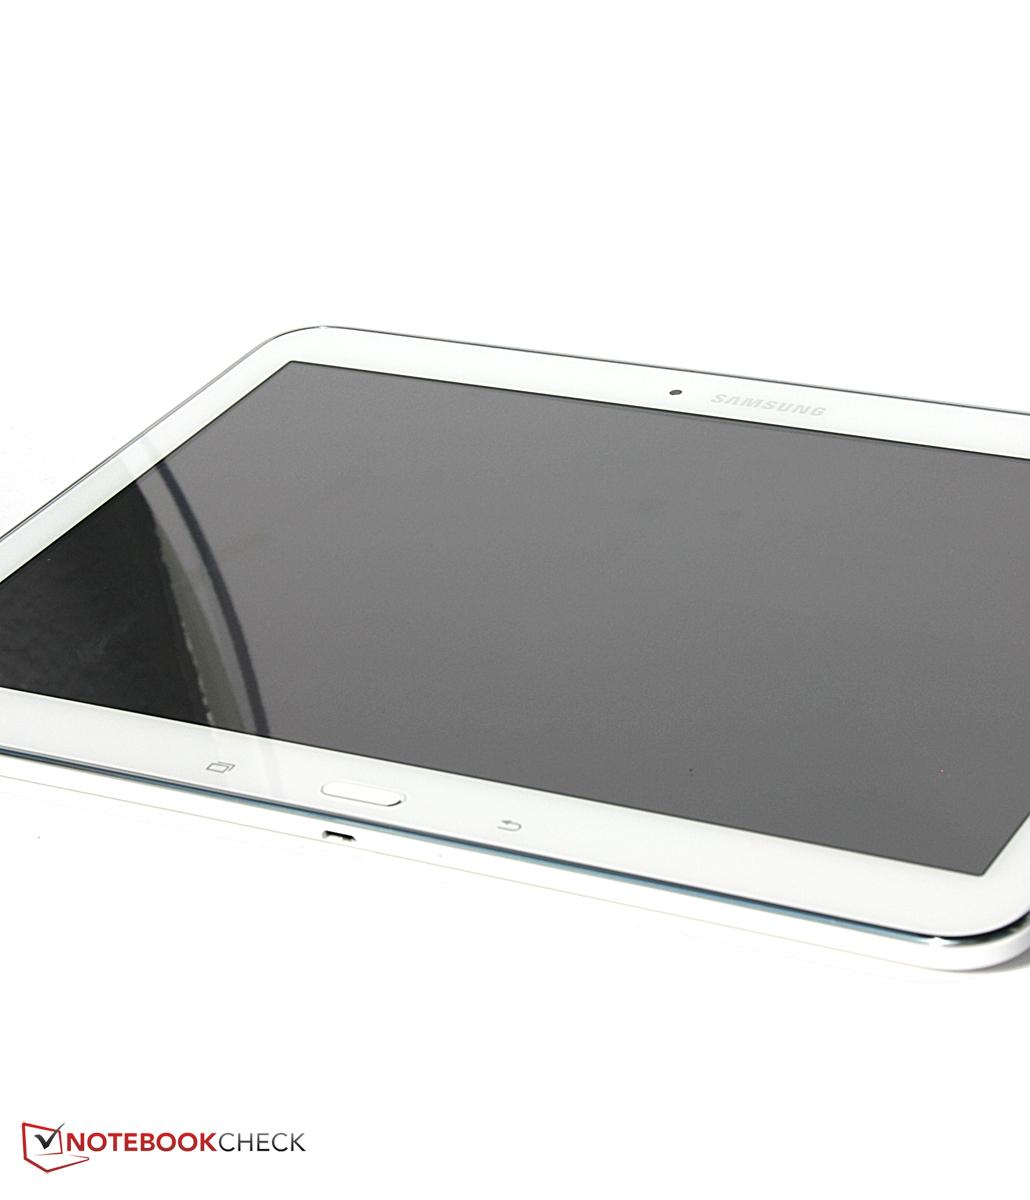 Samsung Galaxy Tab 4 10.1 Black The Galaxy Tab 4 10.1 is a